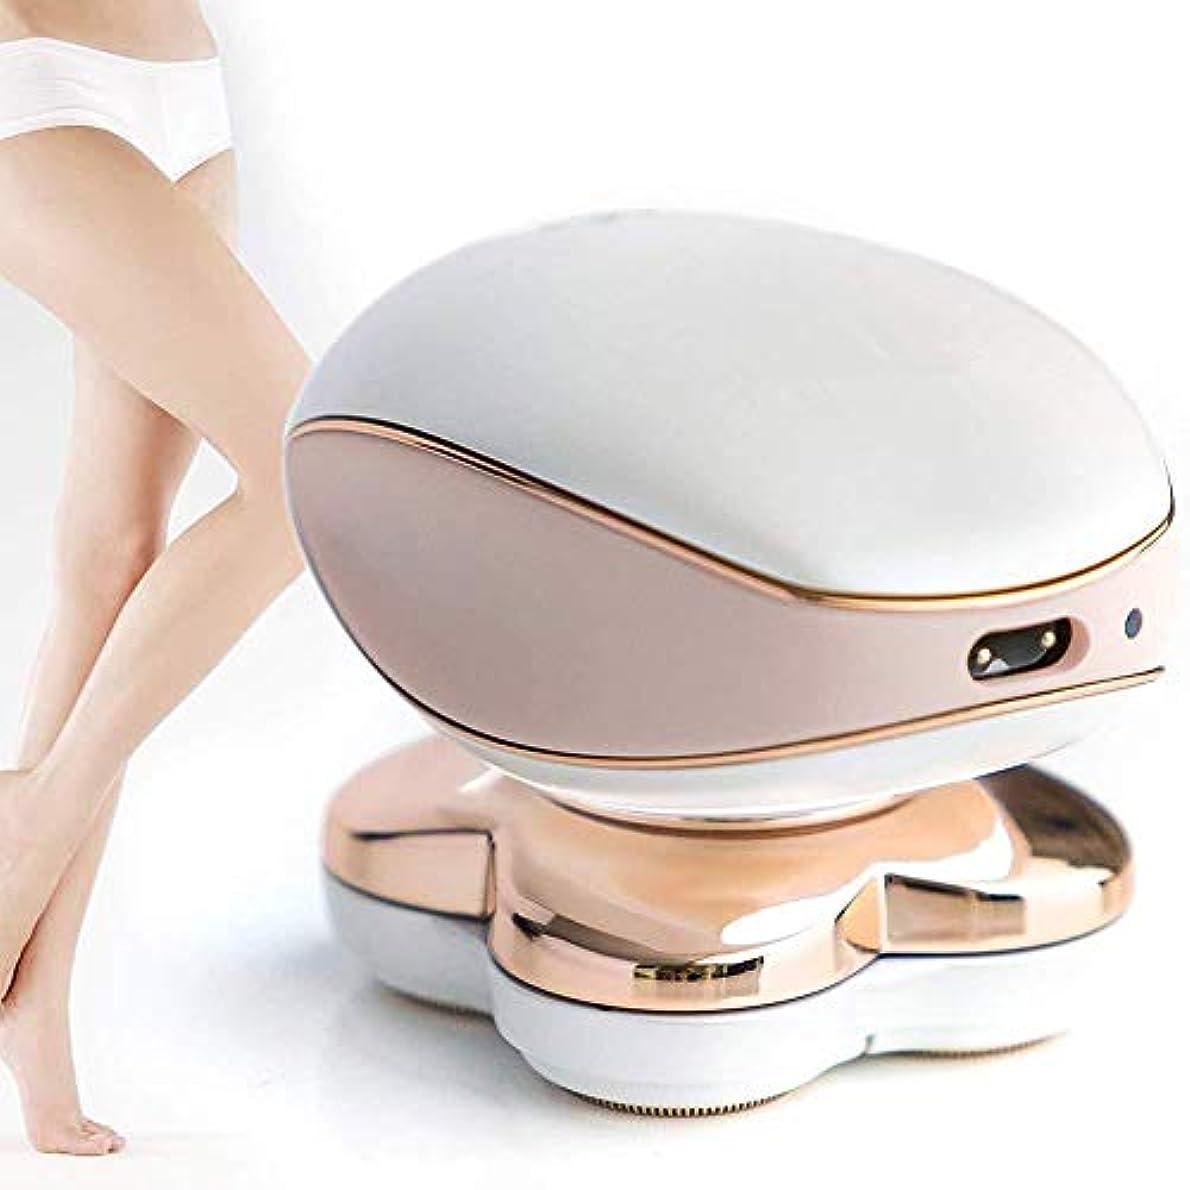 順番電球記憶女性の足のための痛みのない電気かみそりフェイスリップビキニエリア充電式インスタント脱毛器シェーバートリマー